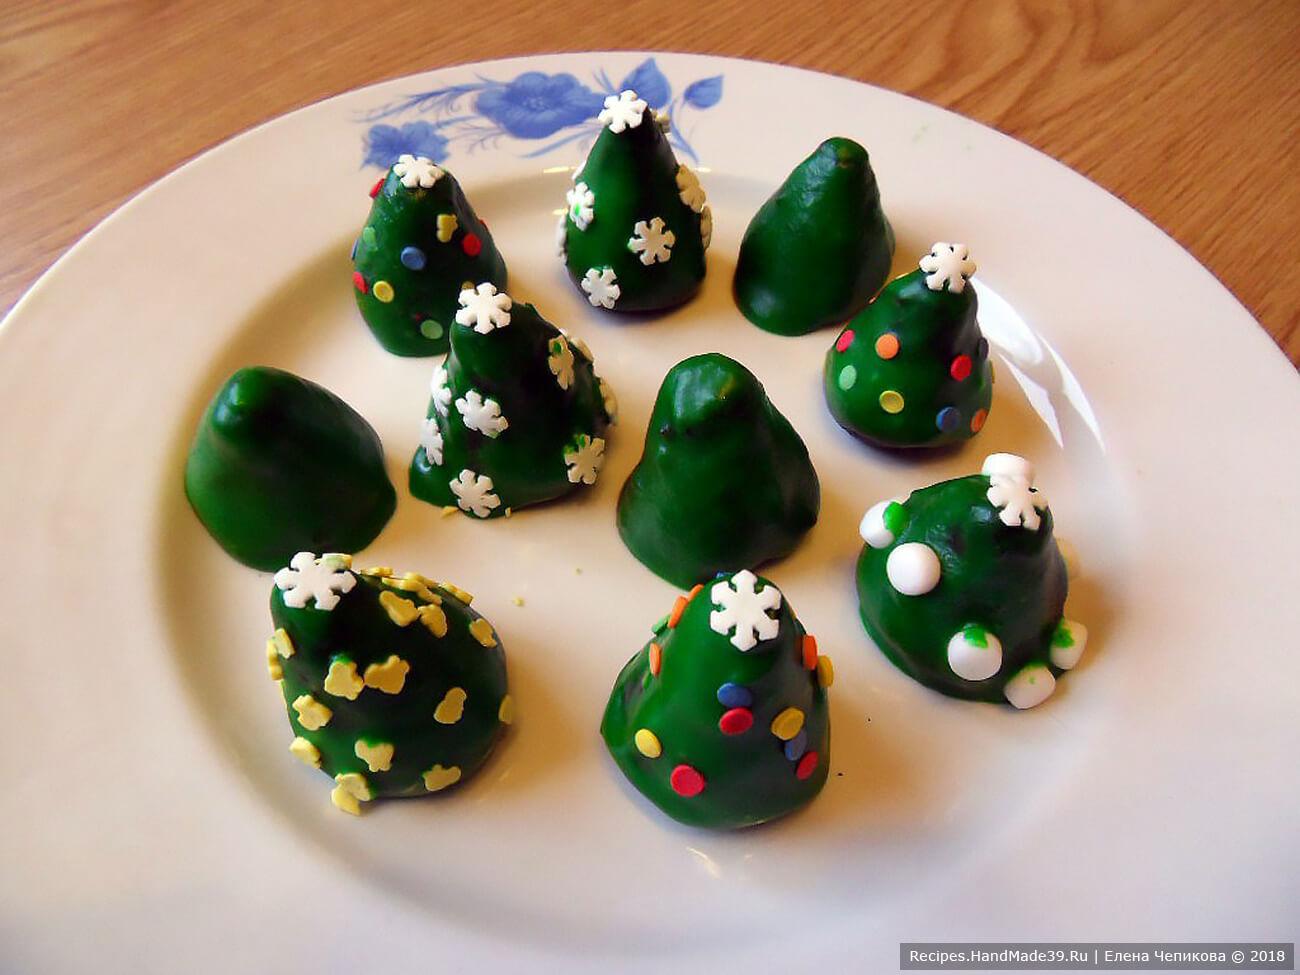 Украсить трюфели декоративной посыпкой и поместить в холодильник для застывания глазури. Приятного аппетита!